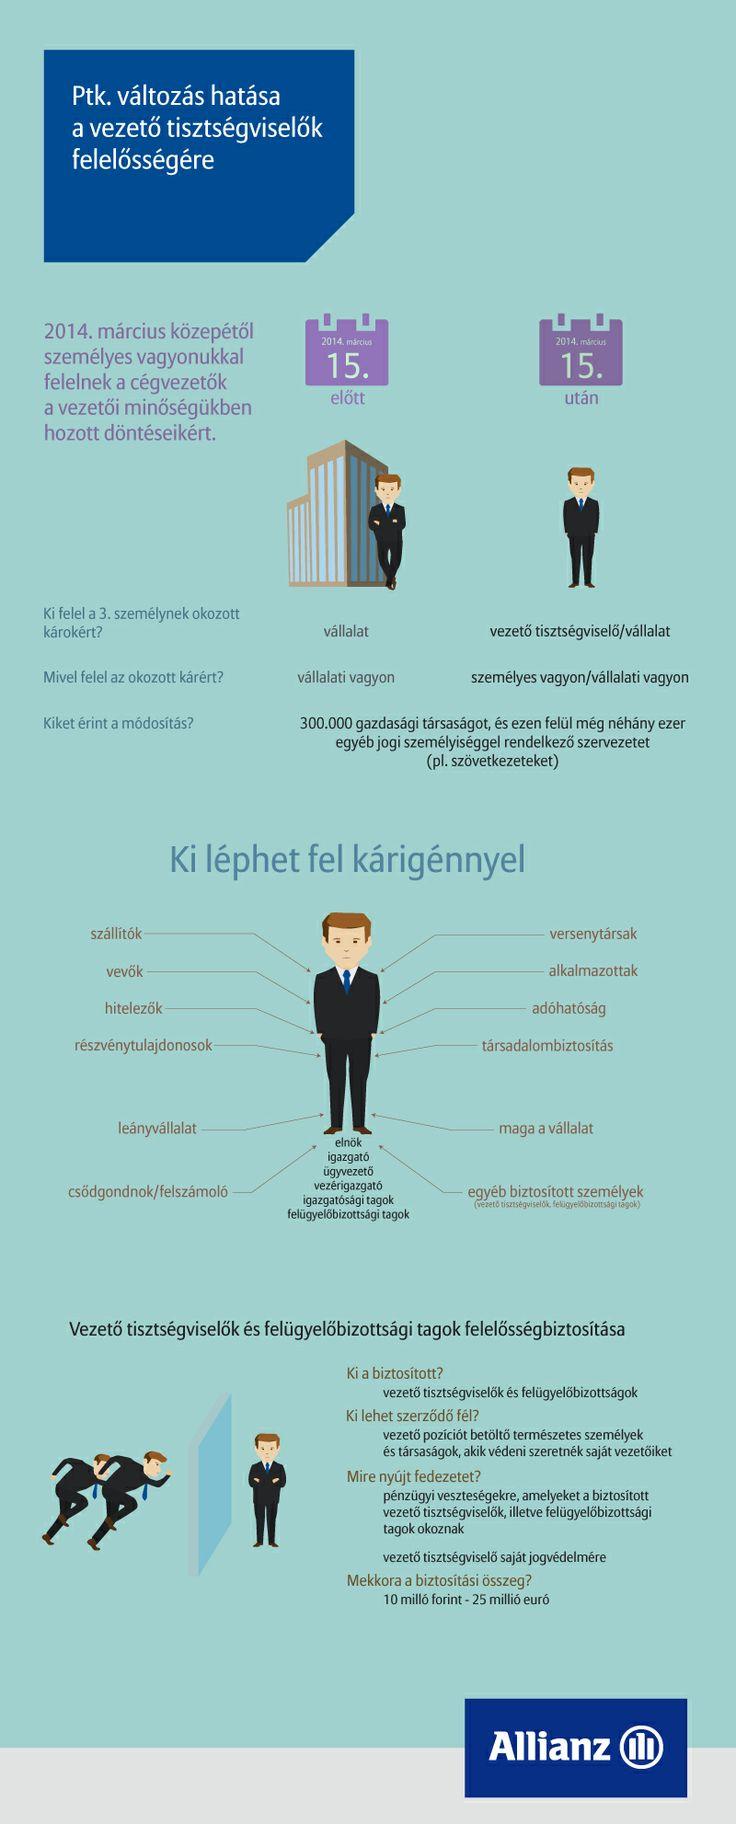 #Infografika a vezető tisztségviselők és felügyelőbizottsági tagok felelősségbiztosításáról